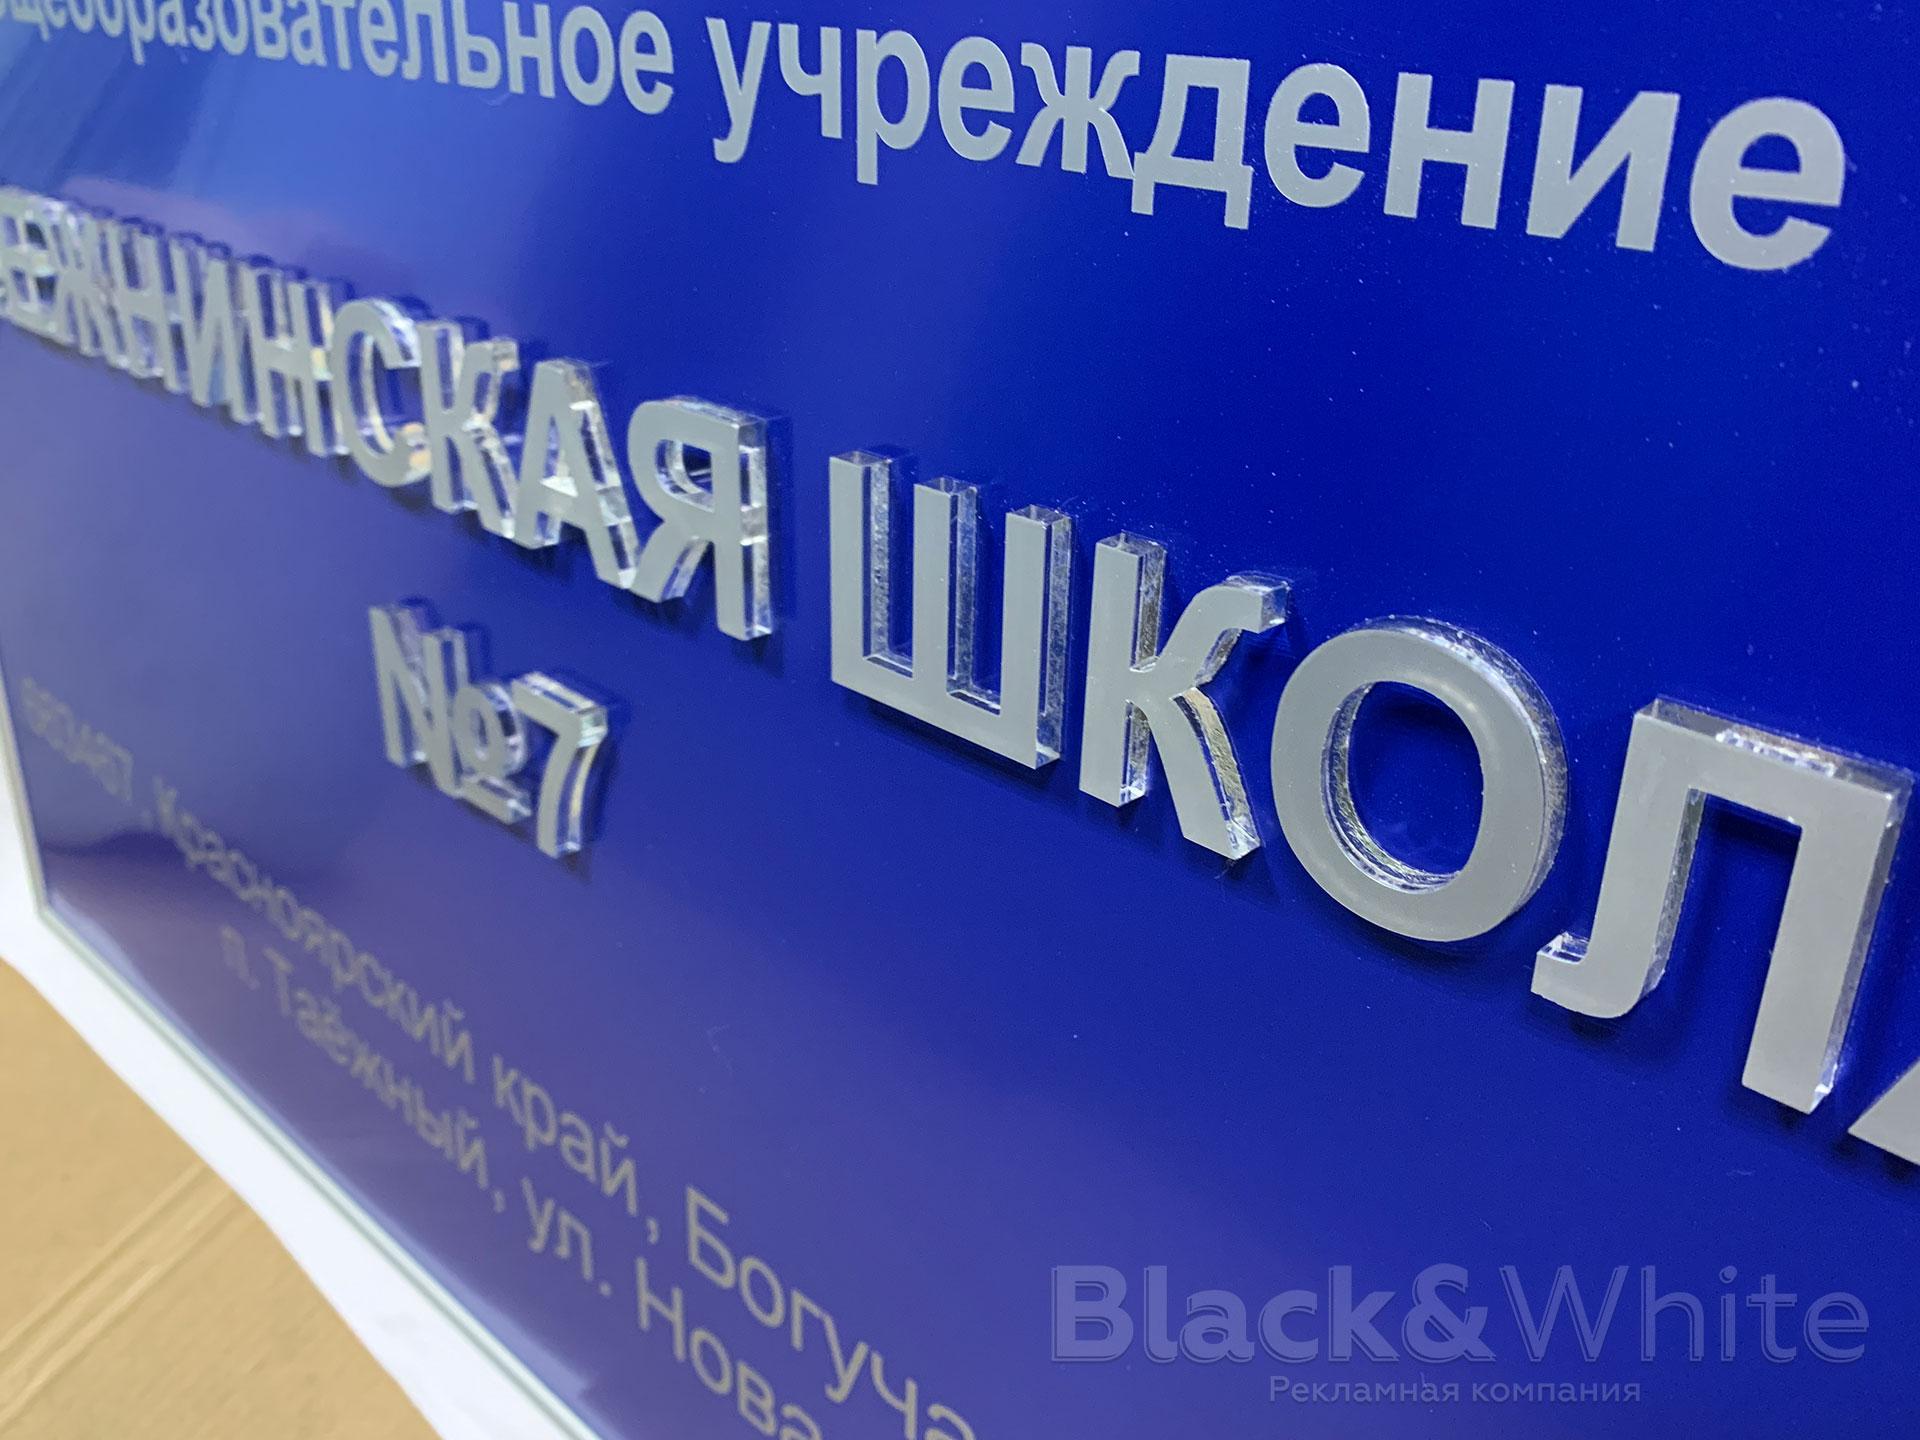 Фасабная-табличка-для-школы-Плоские-(псевдообъемные)-буквы-из-оргстекла-акрила-bukvyi-ploskie-psevdoobemnyie-bukvyi-iz-orgstekla-табличка-для-школы.jpg